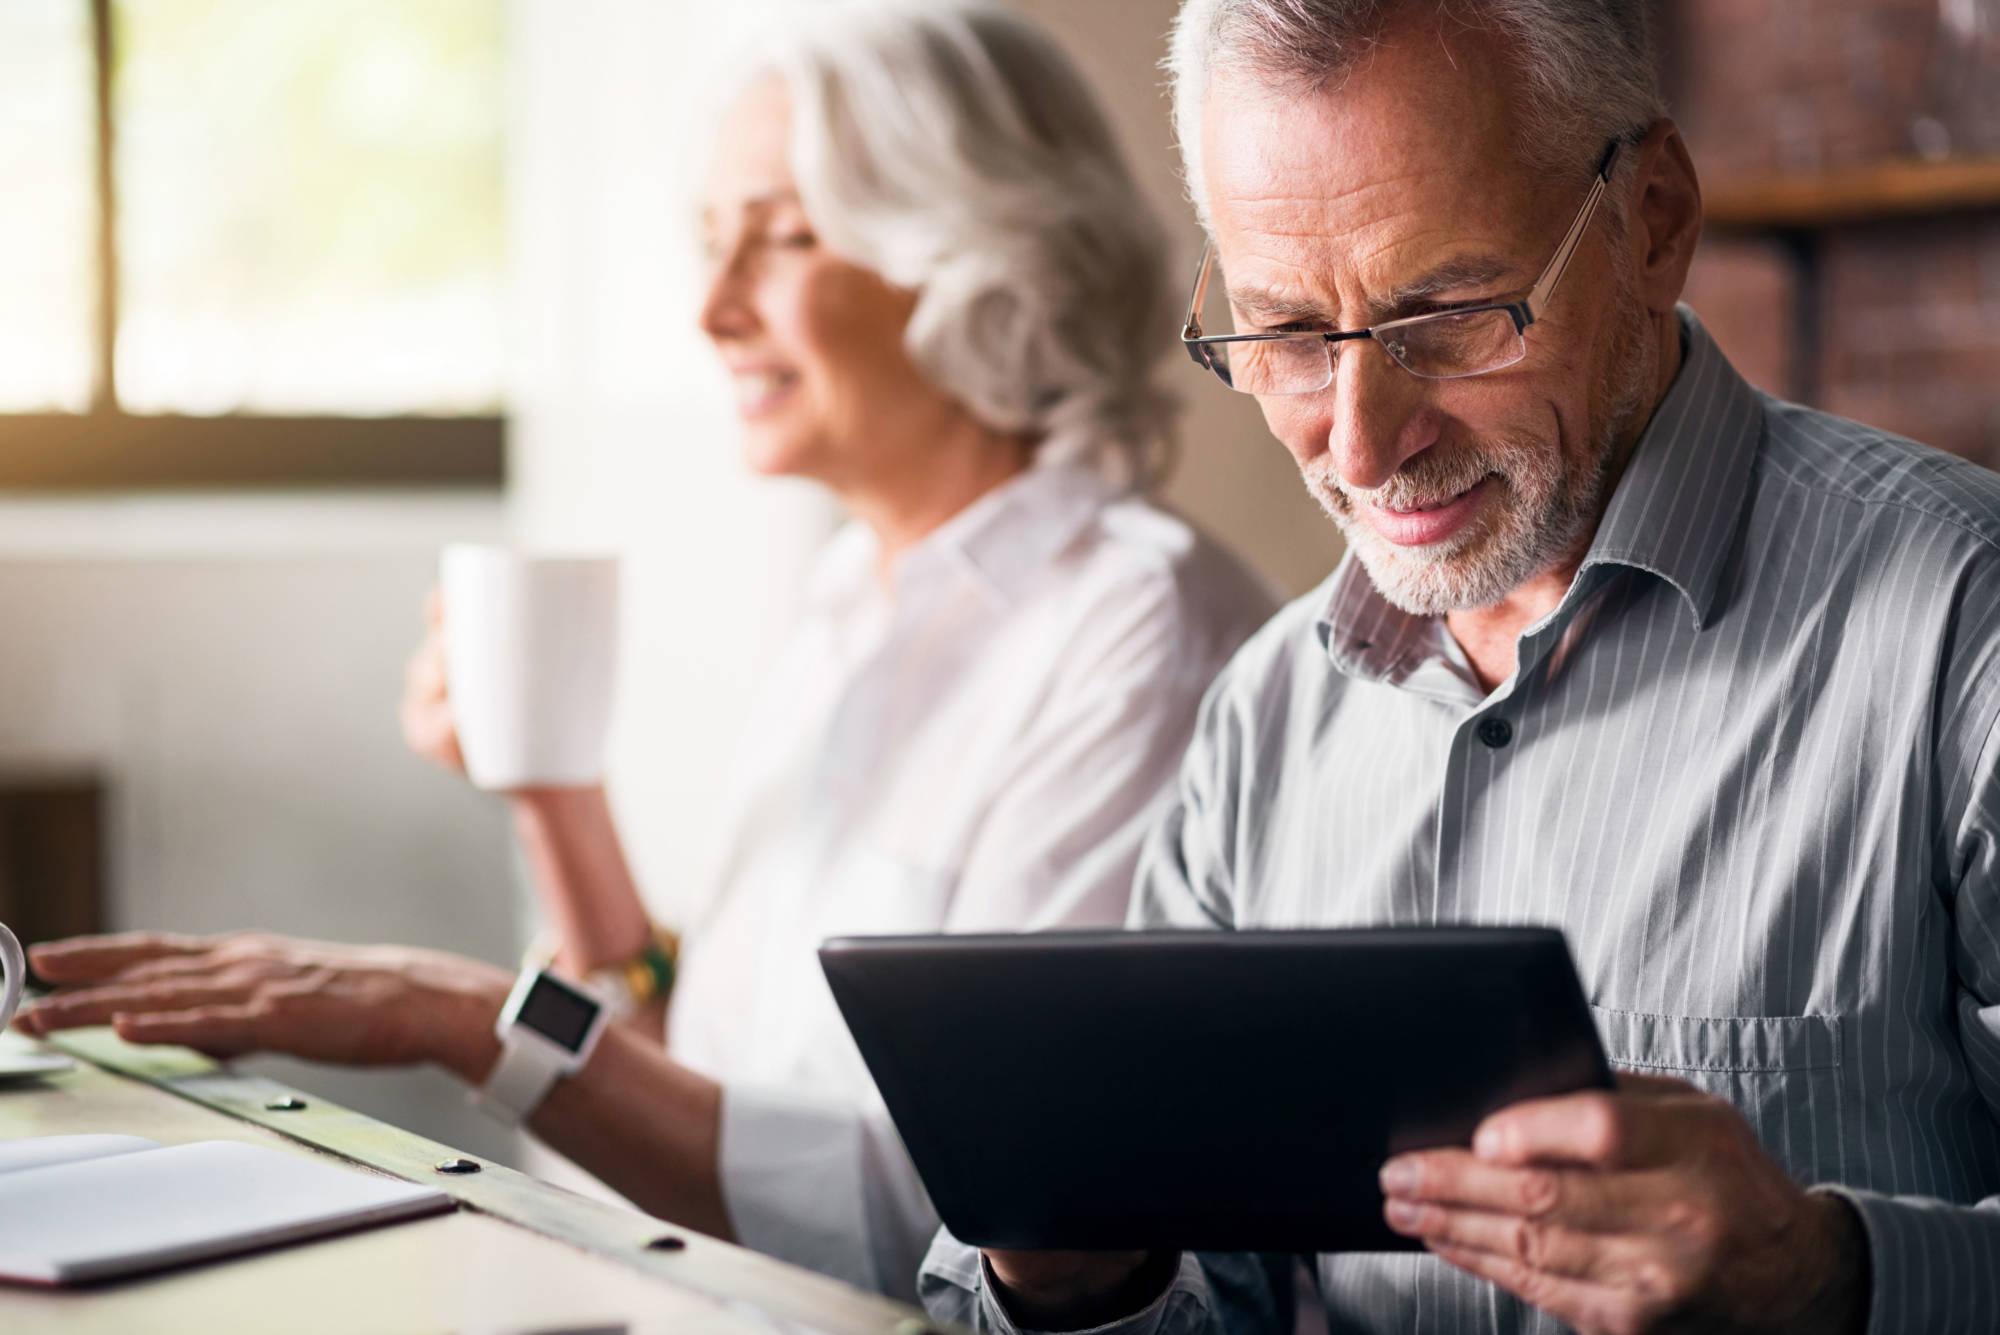 Льготы пенсионерам инвалидам 3 группы в 2020 году